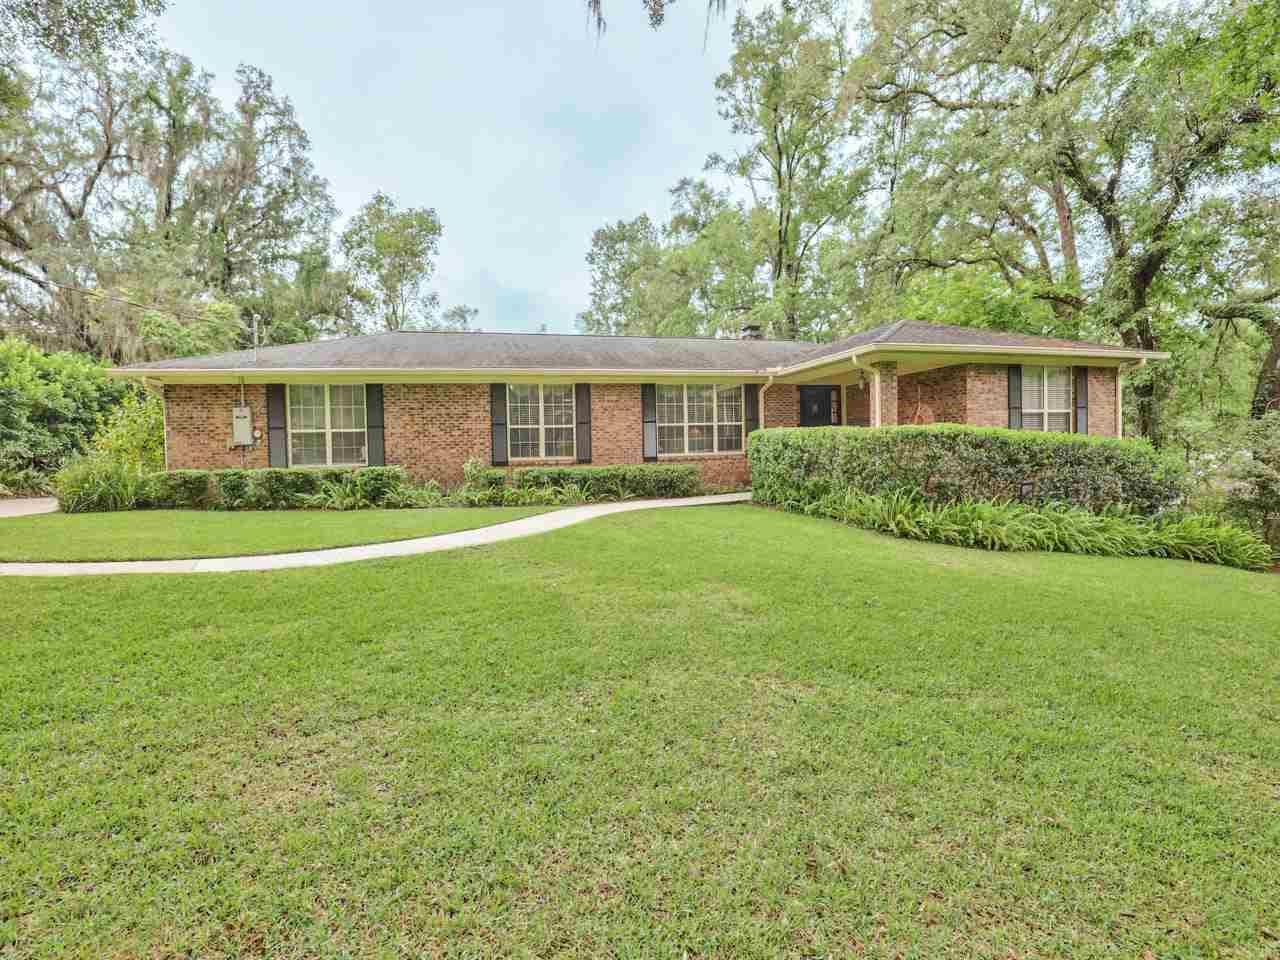 Photo of 2209 Demeron Road, TALLAHASSEE, FL 32308 (MLS # 318109)